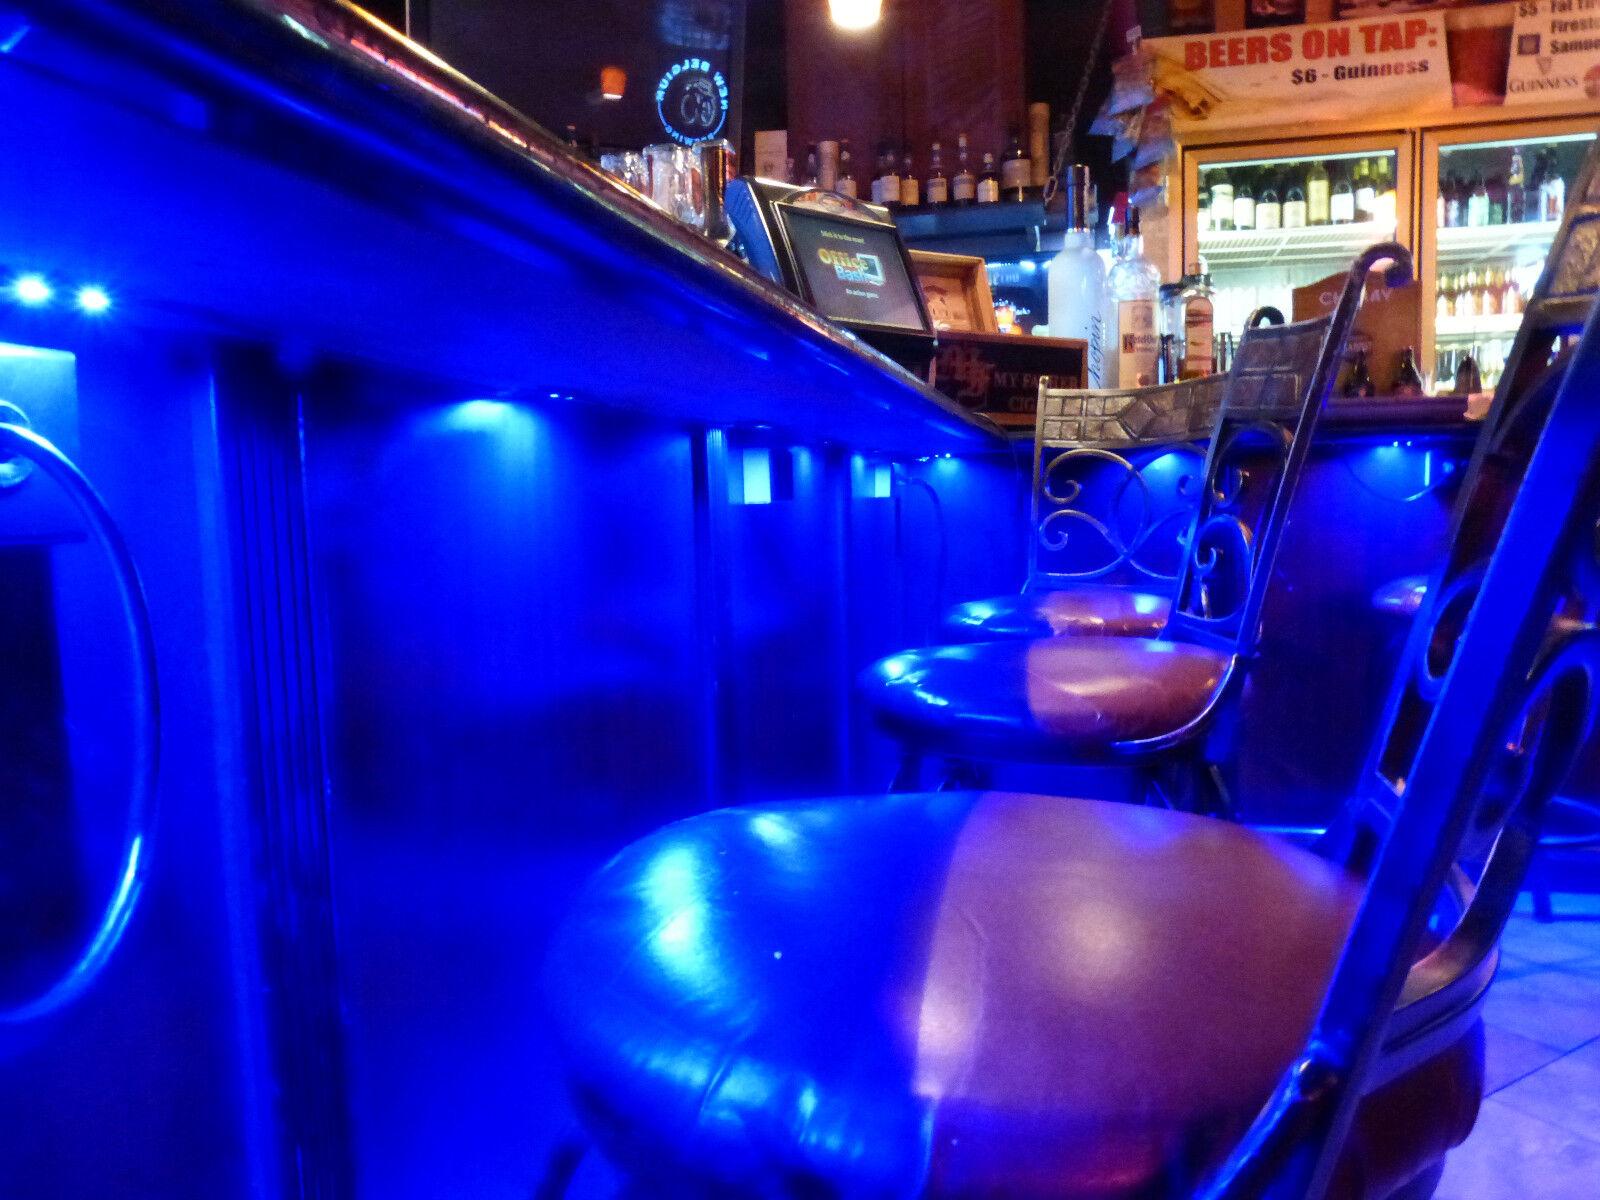 blue 4pc led kit for boat marine deck interior lighting cad picclick ca. Black Bedroom Furniture Sets. Home Design Ideas